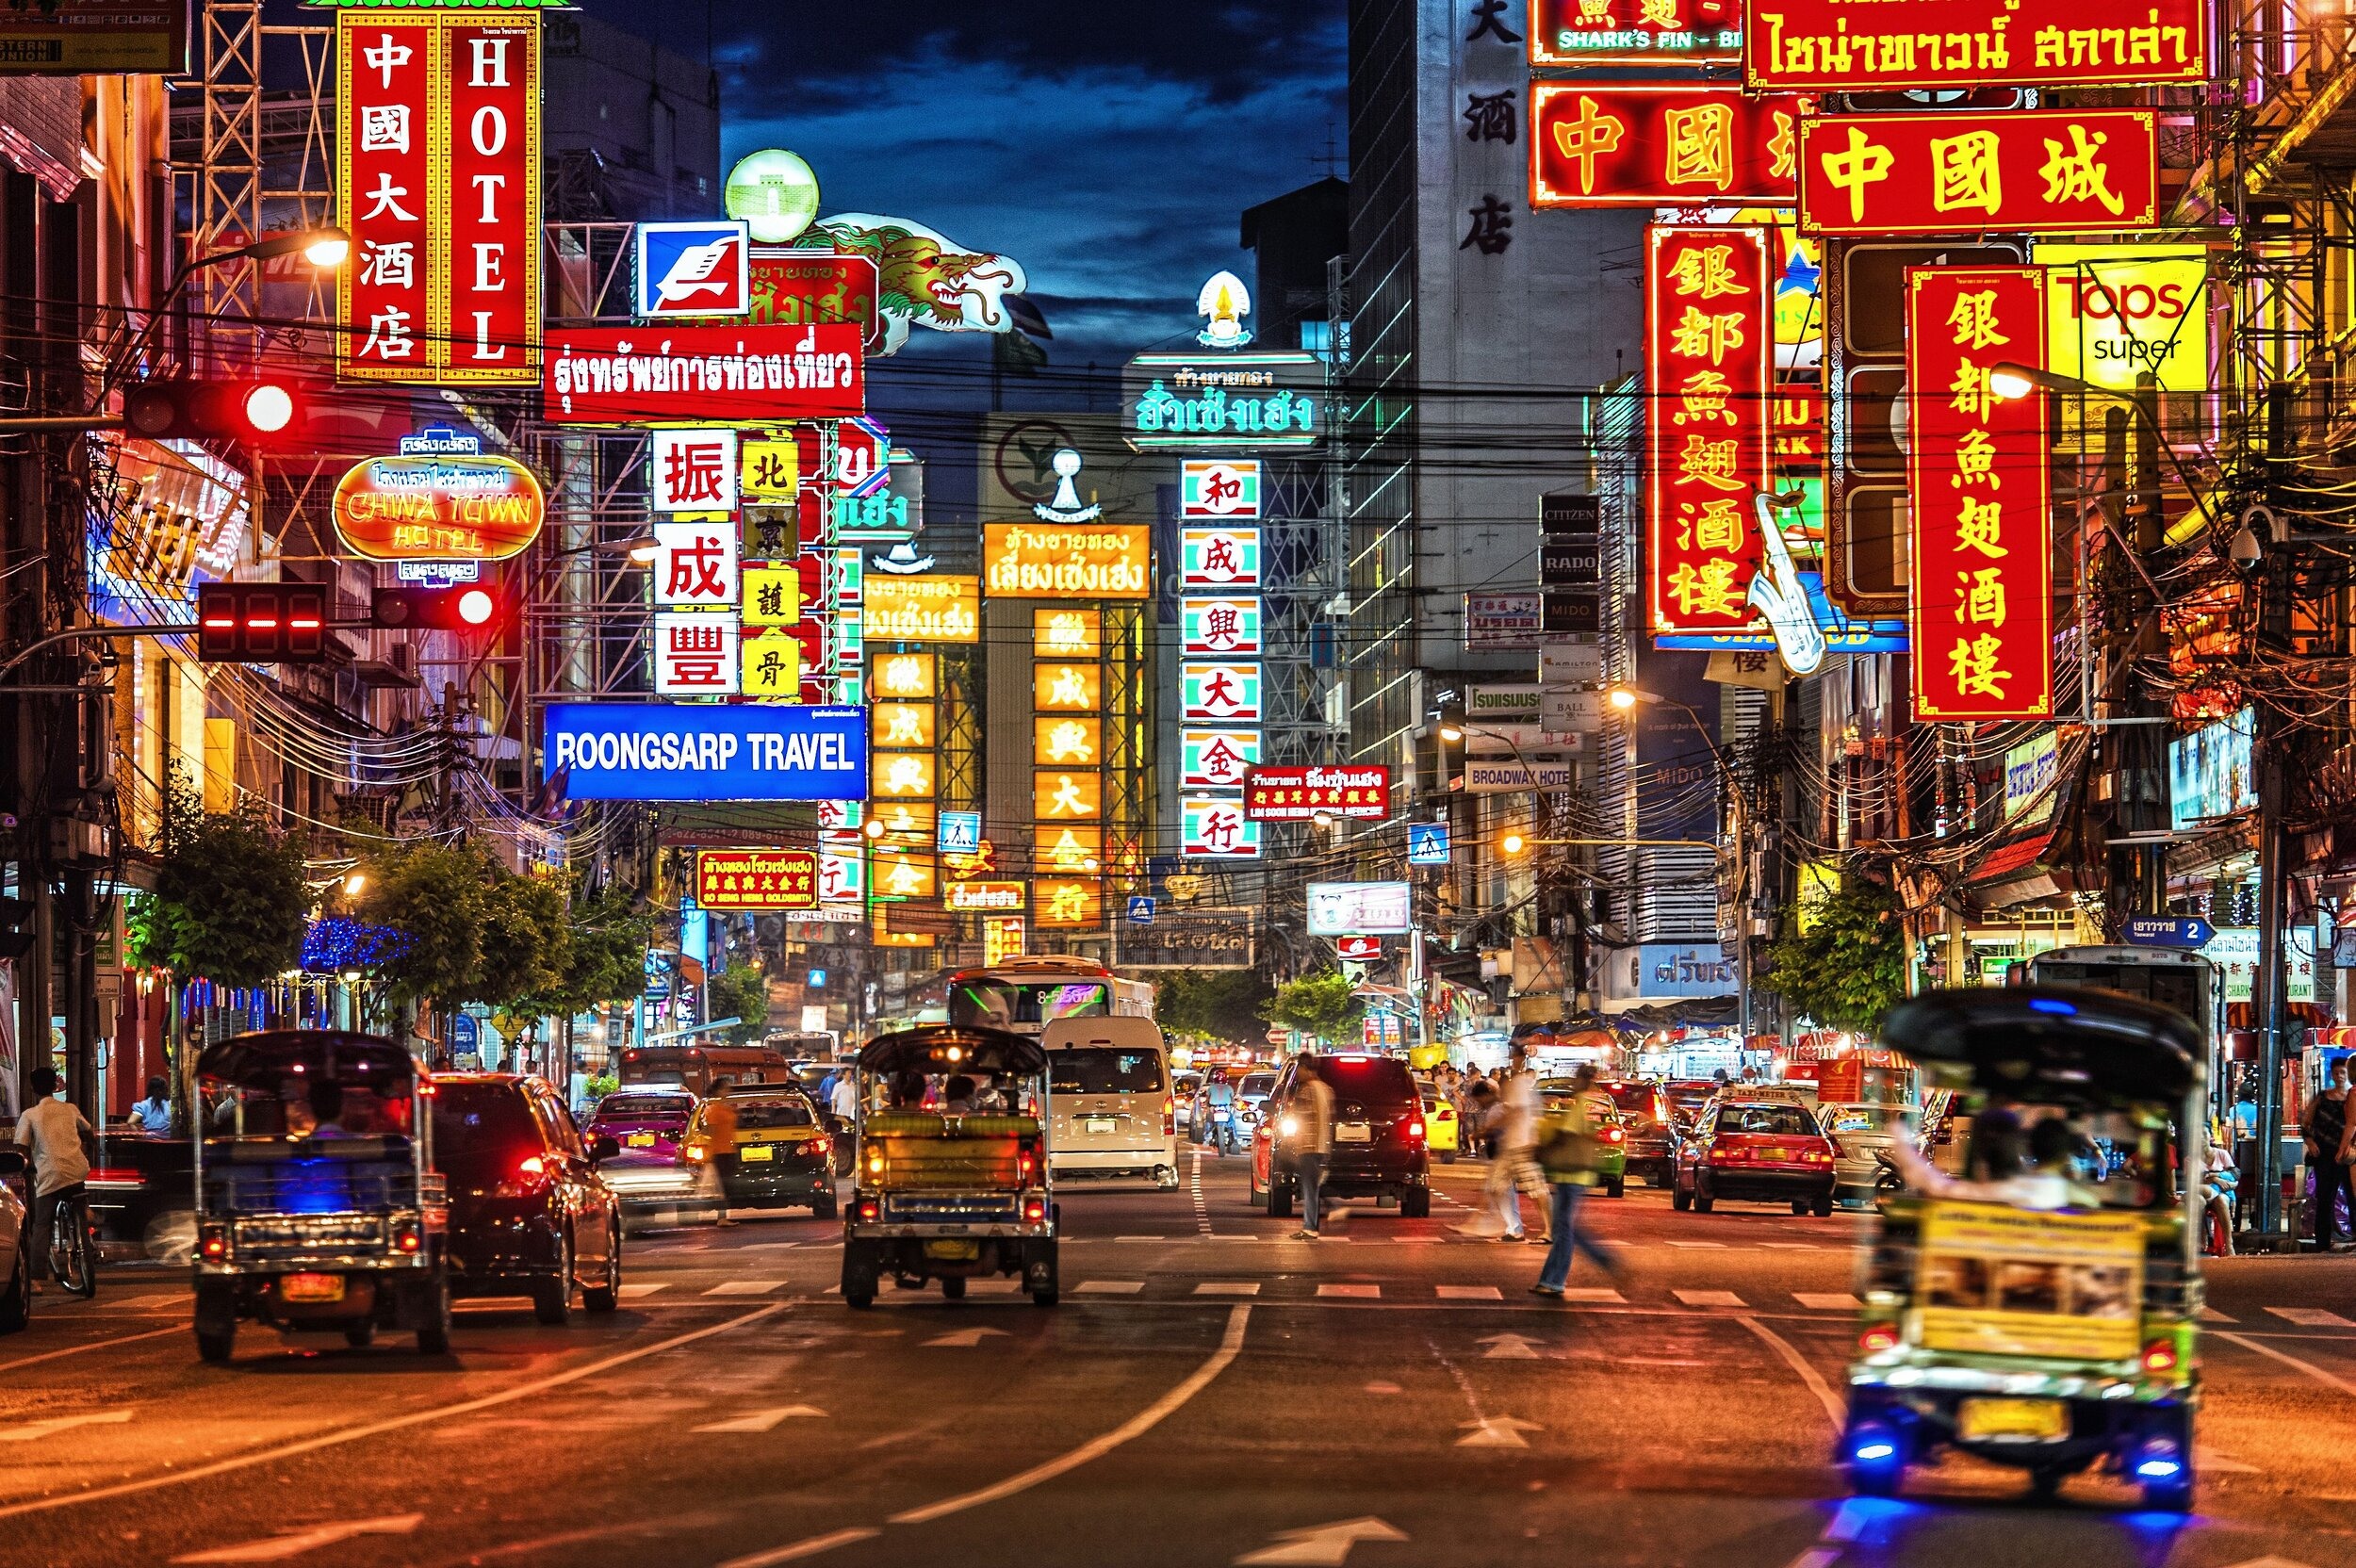 bangkok-at-night-5a5539c5d92b0900366d55a3.jpg